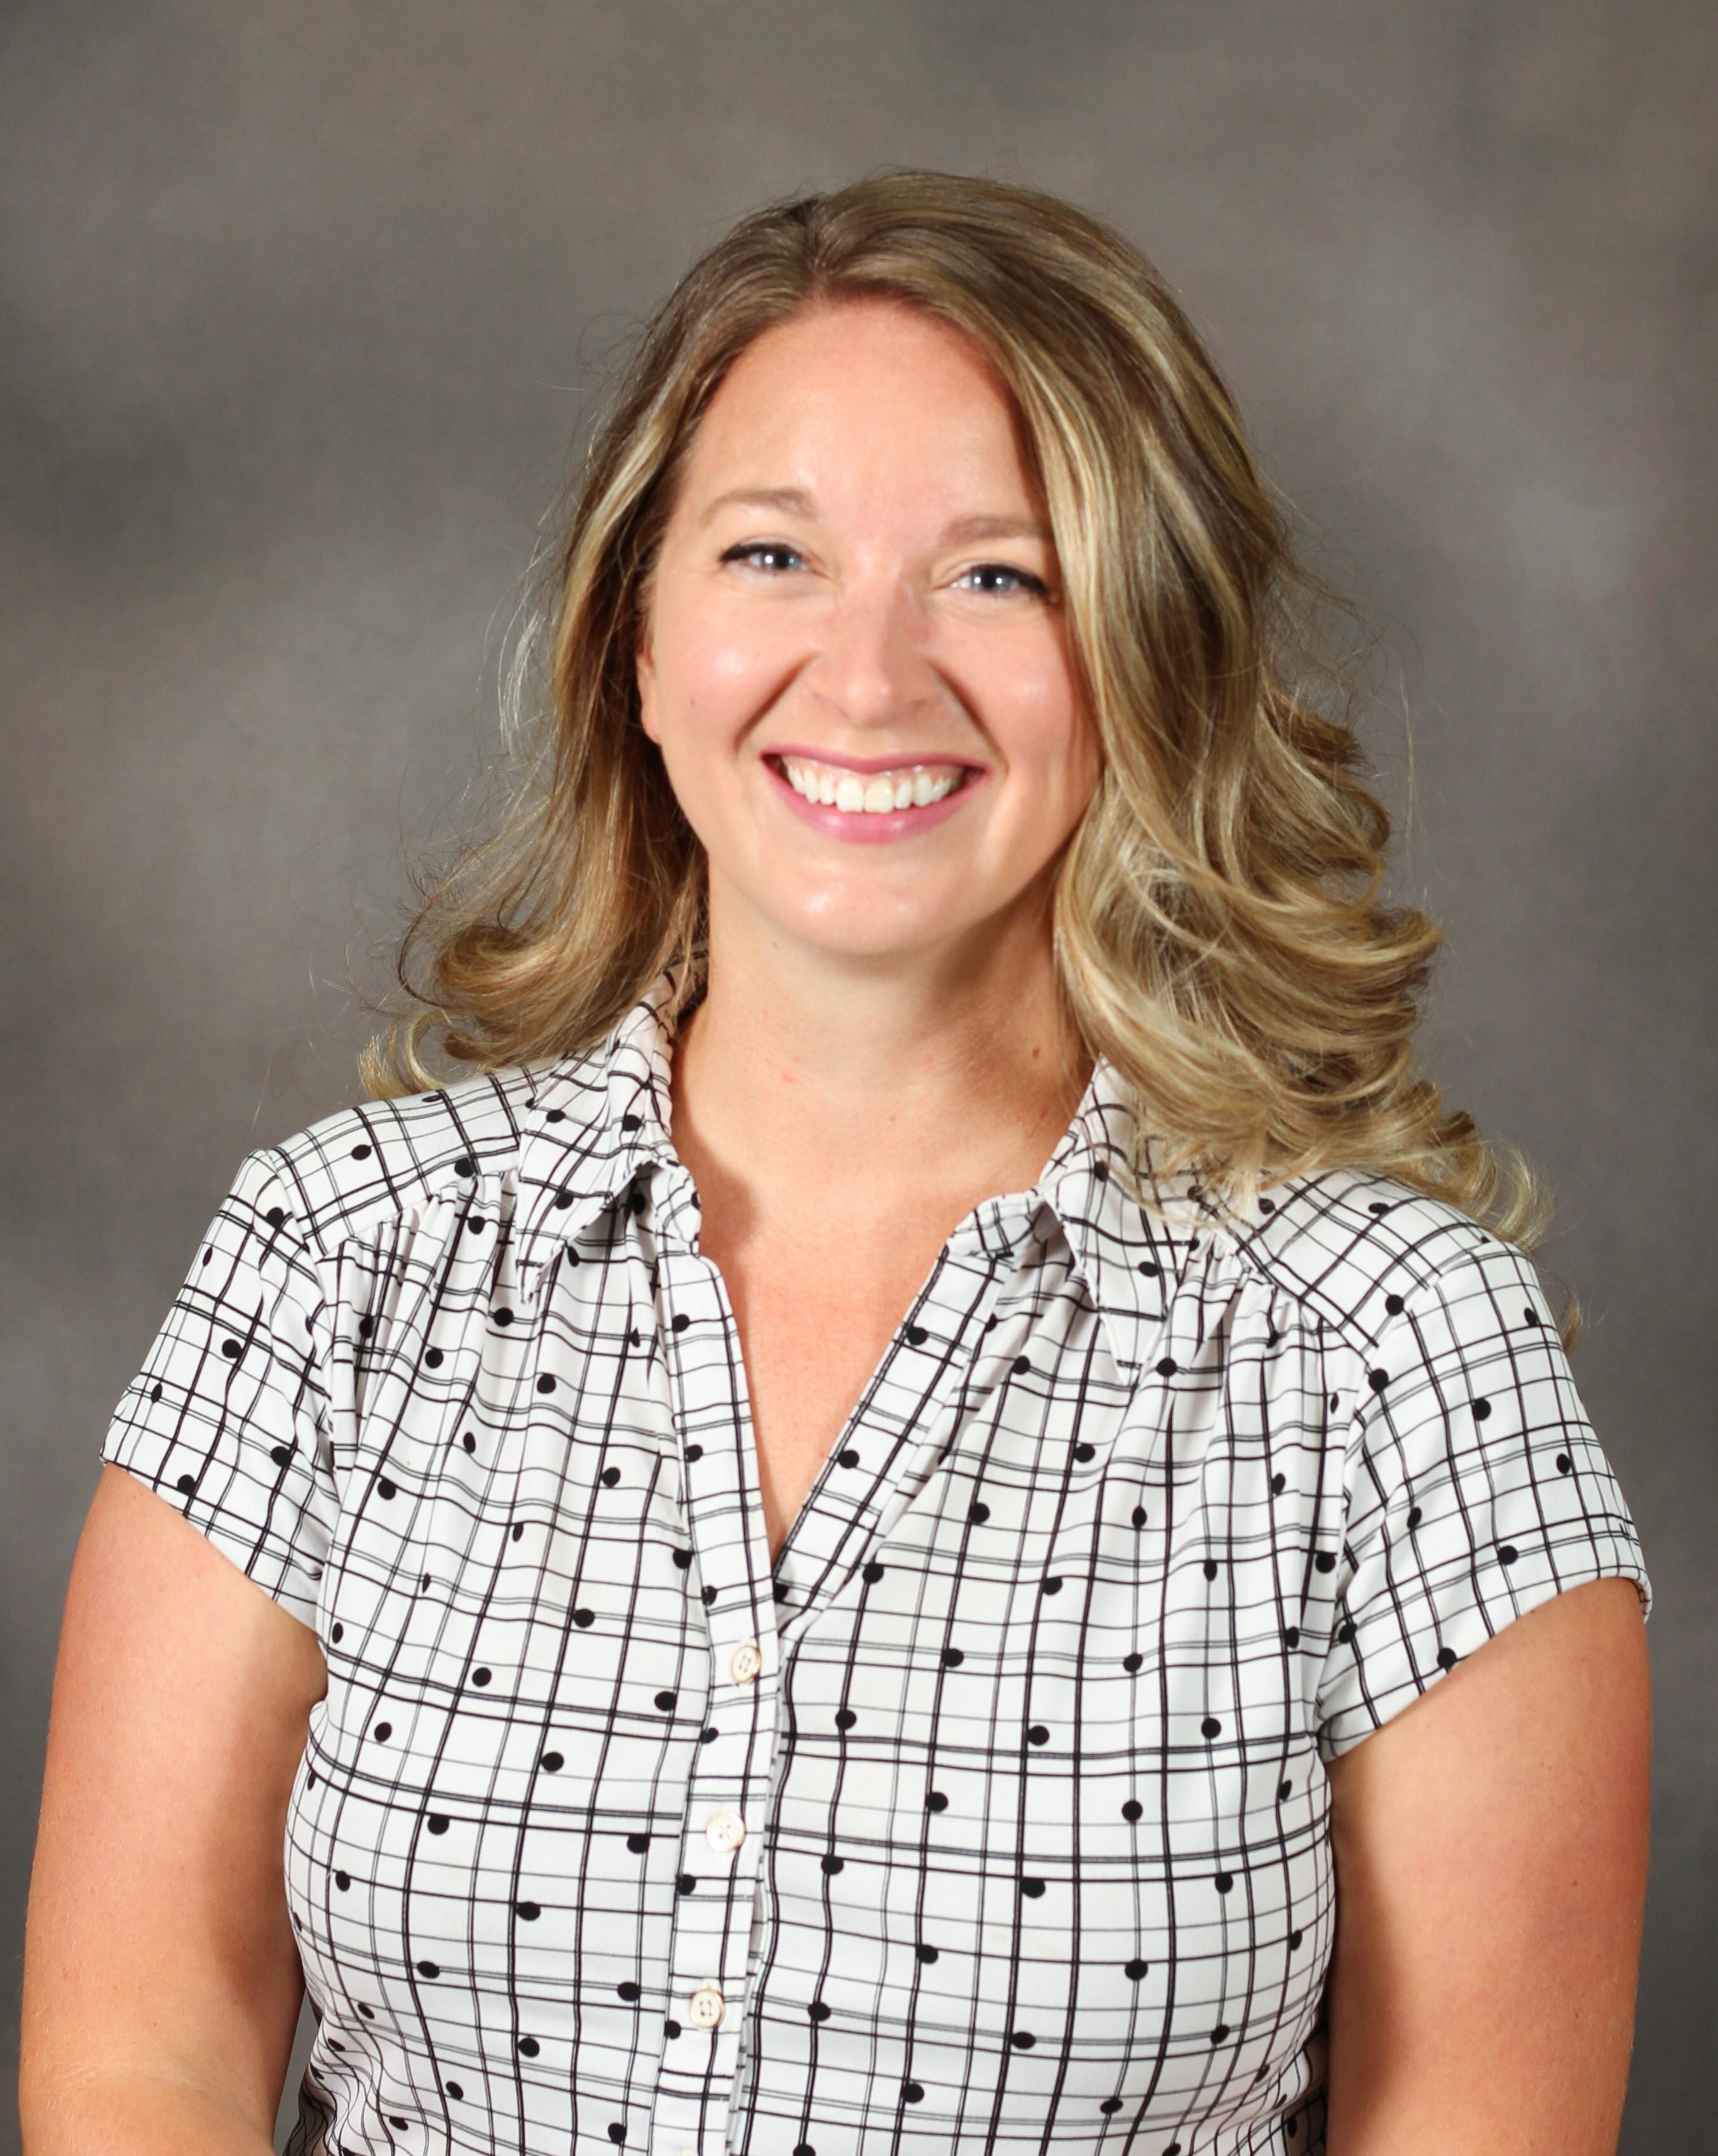 Lauren Dykstra